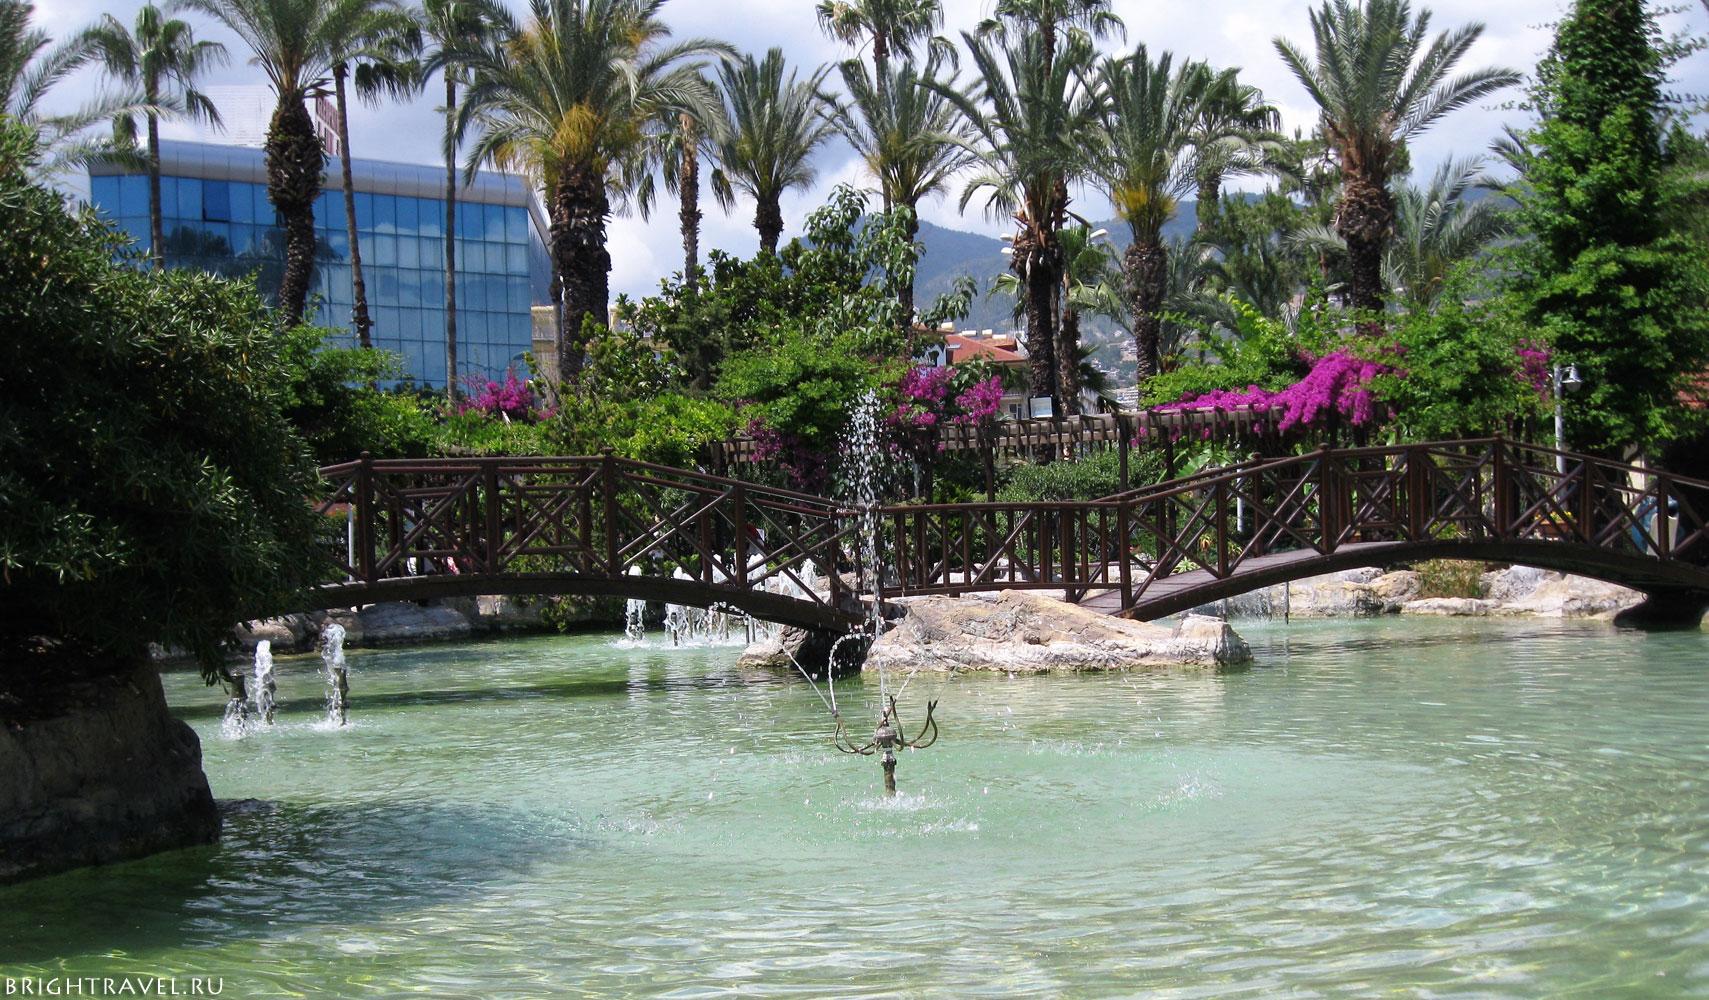 Парковая зона пруд с фонтанами